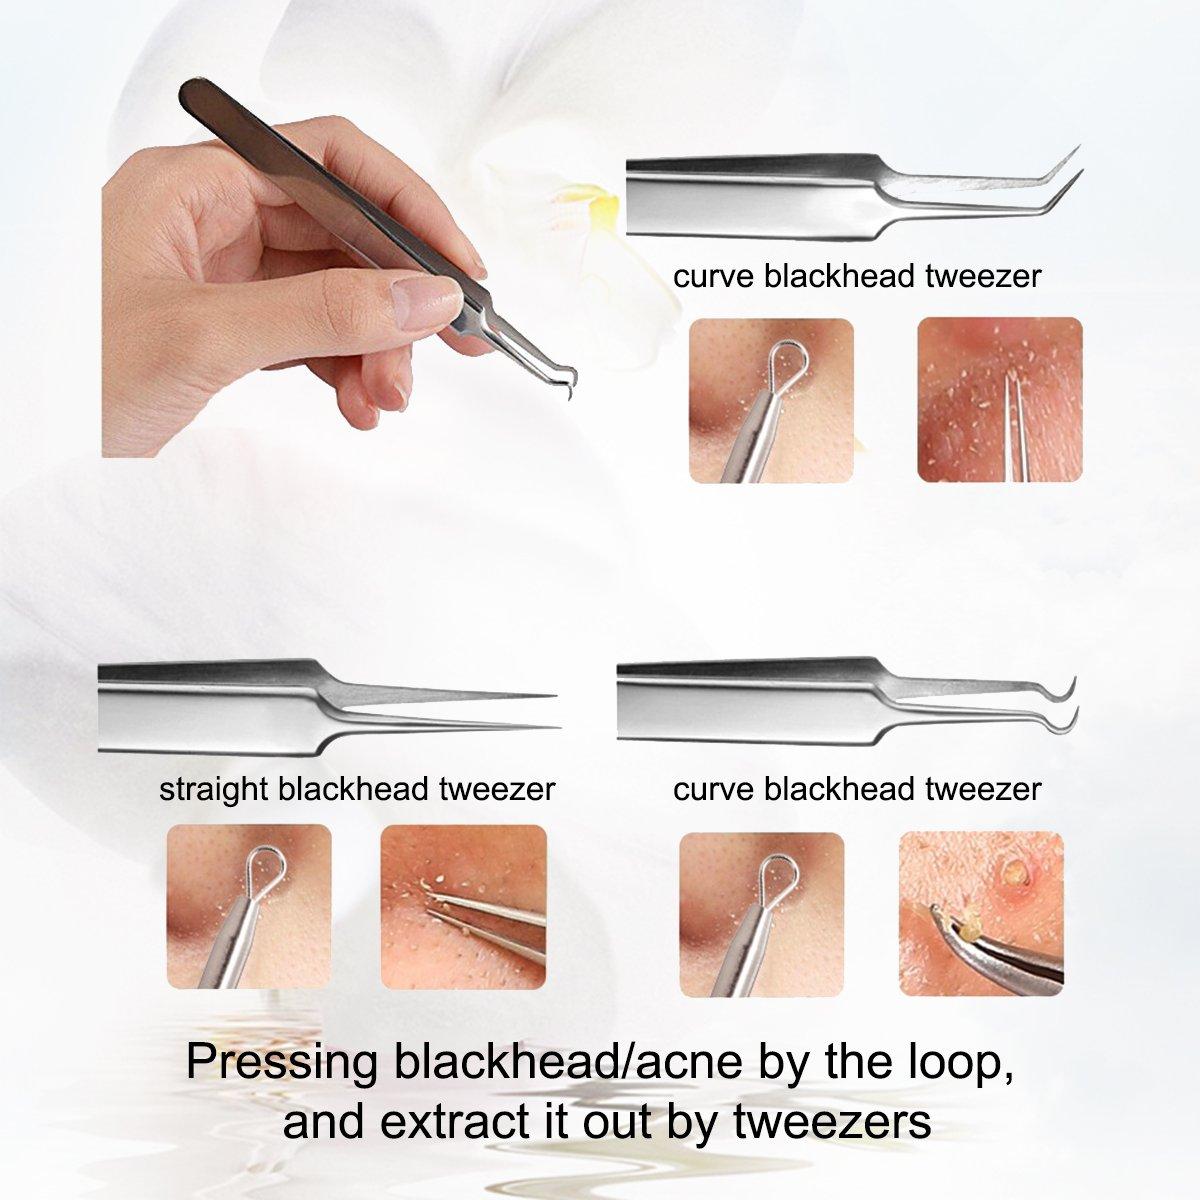 AMTOK Blackhead Tweezers Extractor Treatment Image 3